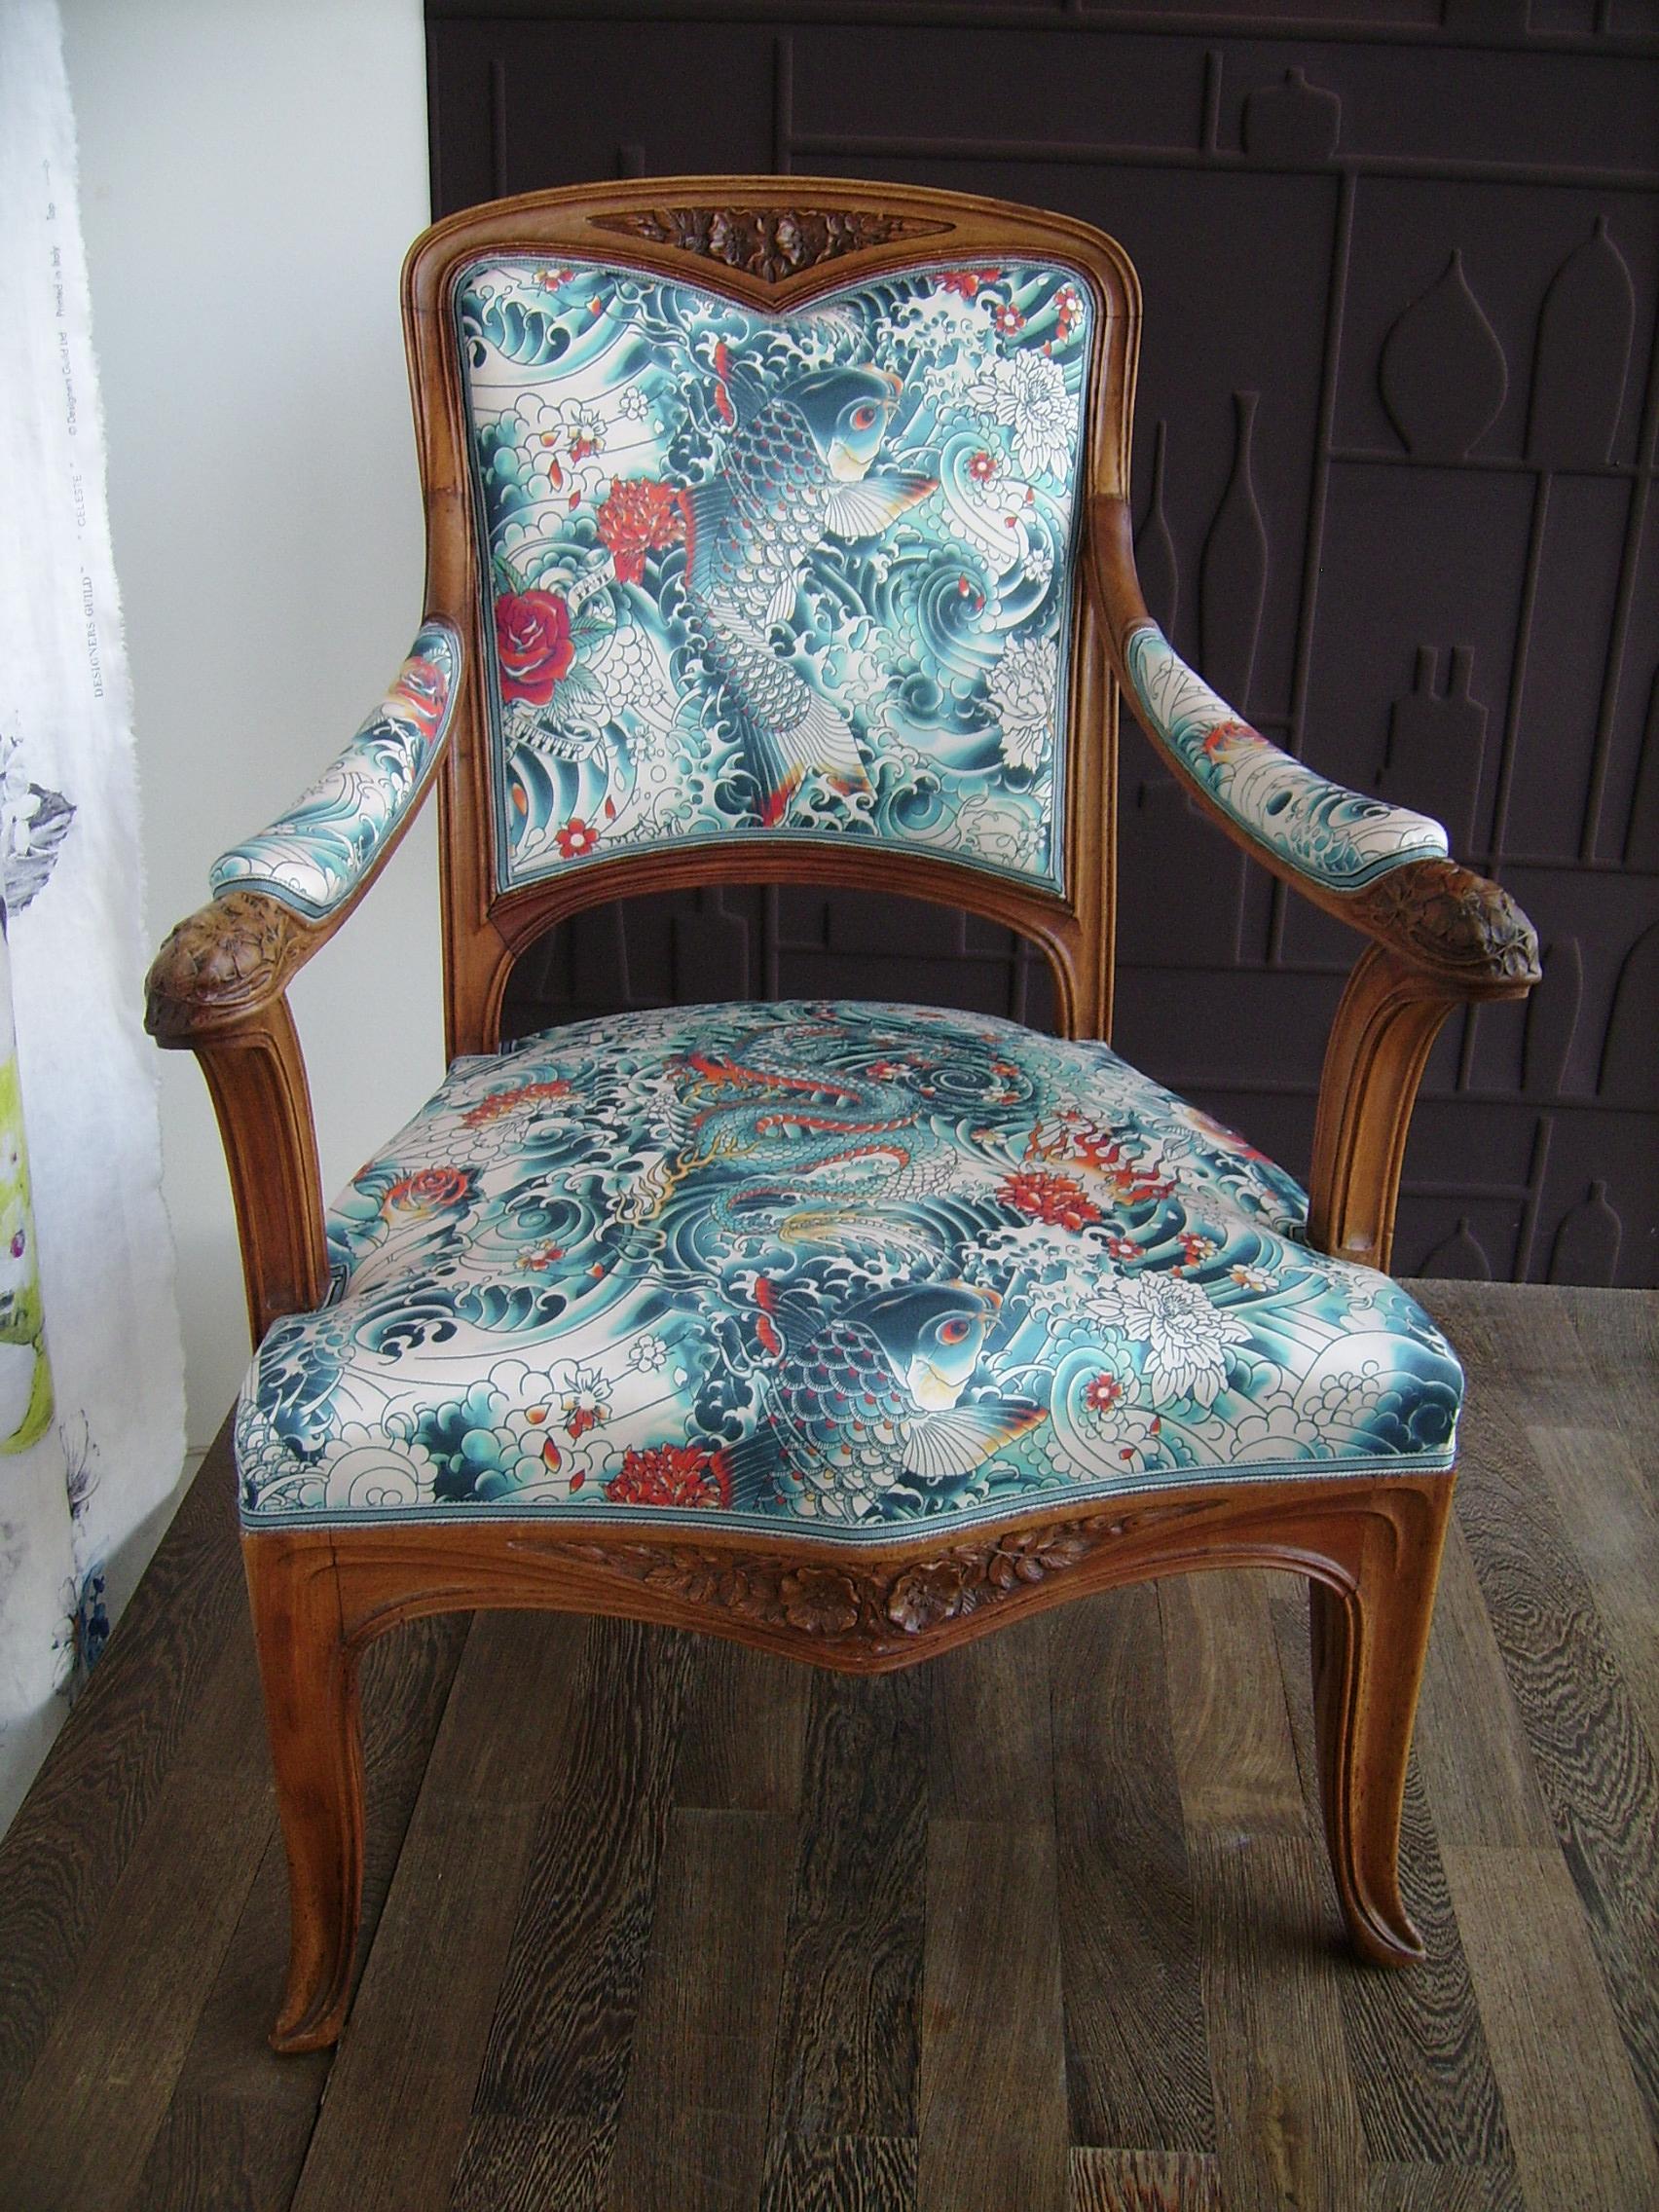 fauteuil art nouveau ecole de nancy.